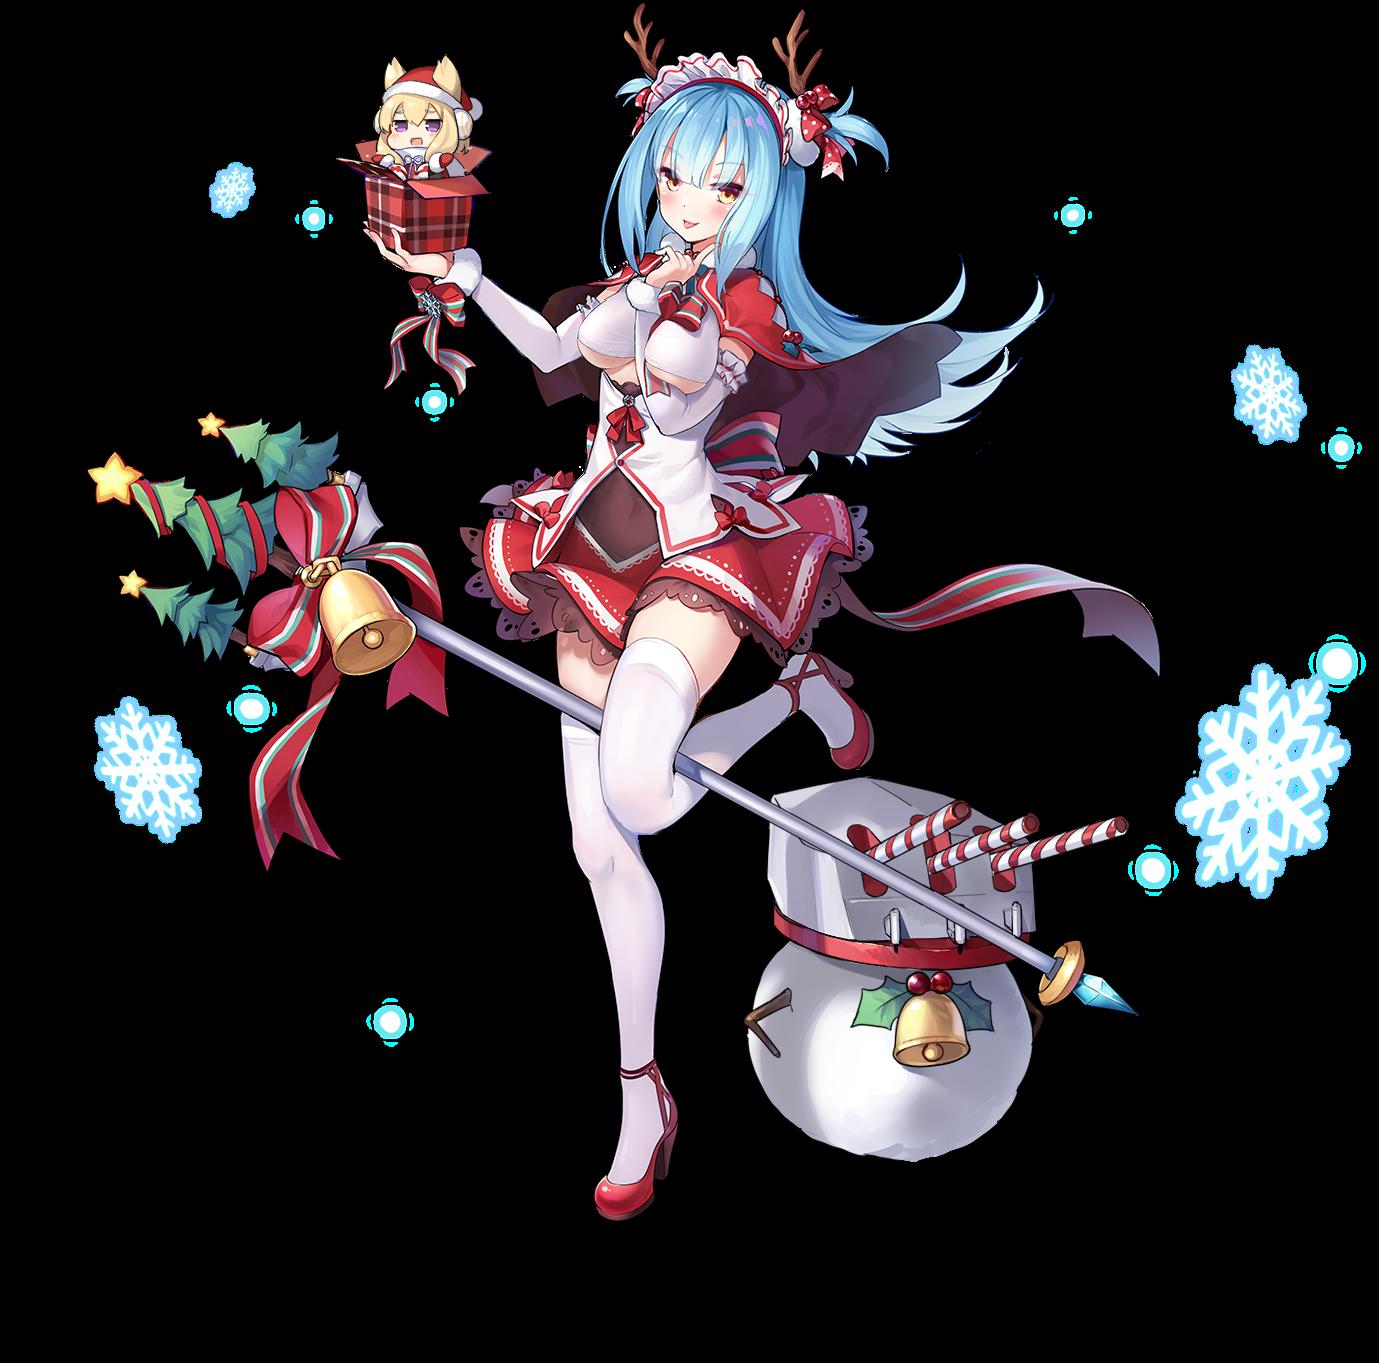 Neptune: Princess of the Reindeers